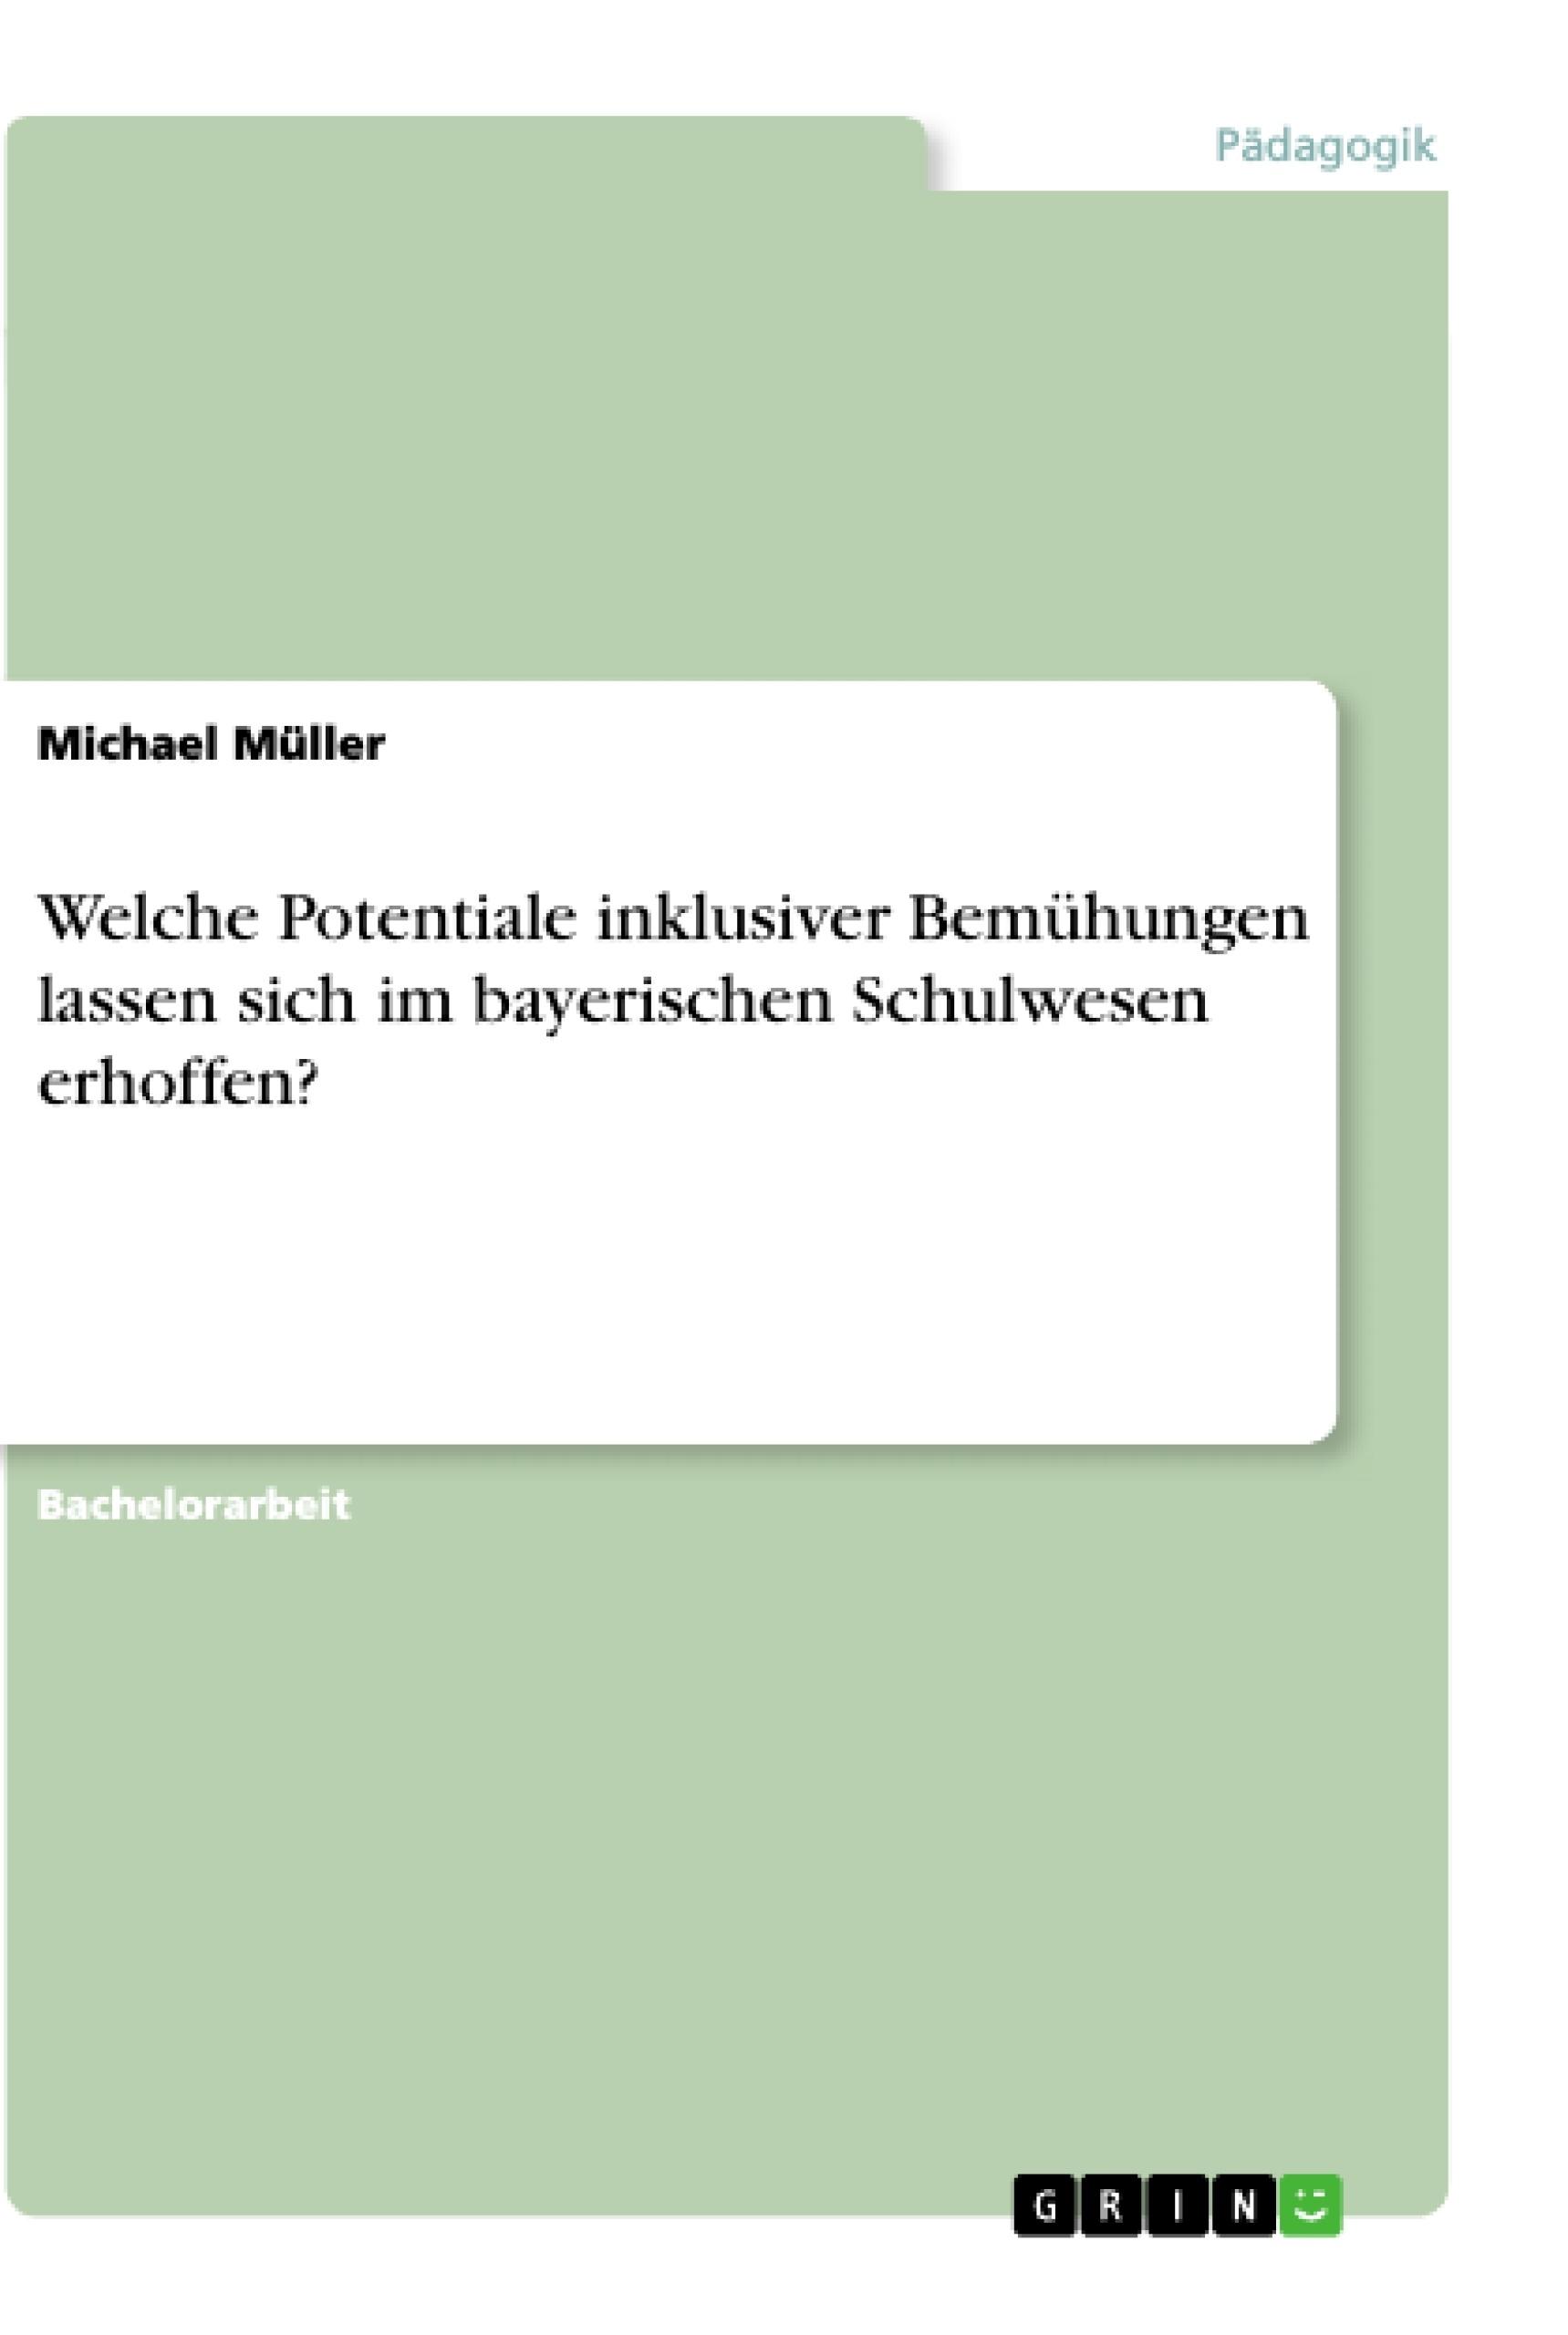 Titel: Welche Potentiale inklusiver Bemühungen lassen sich im bayerischen Schulwesen erhoffen?